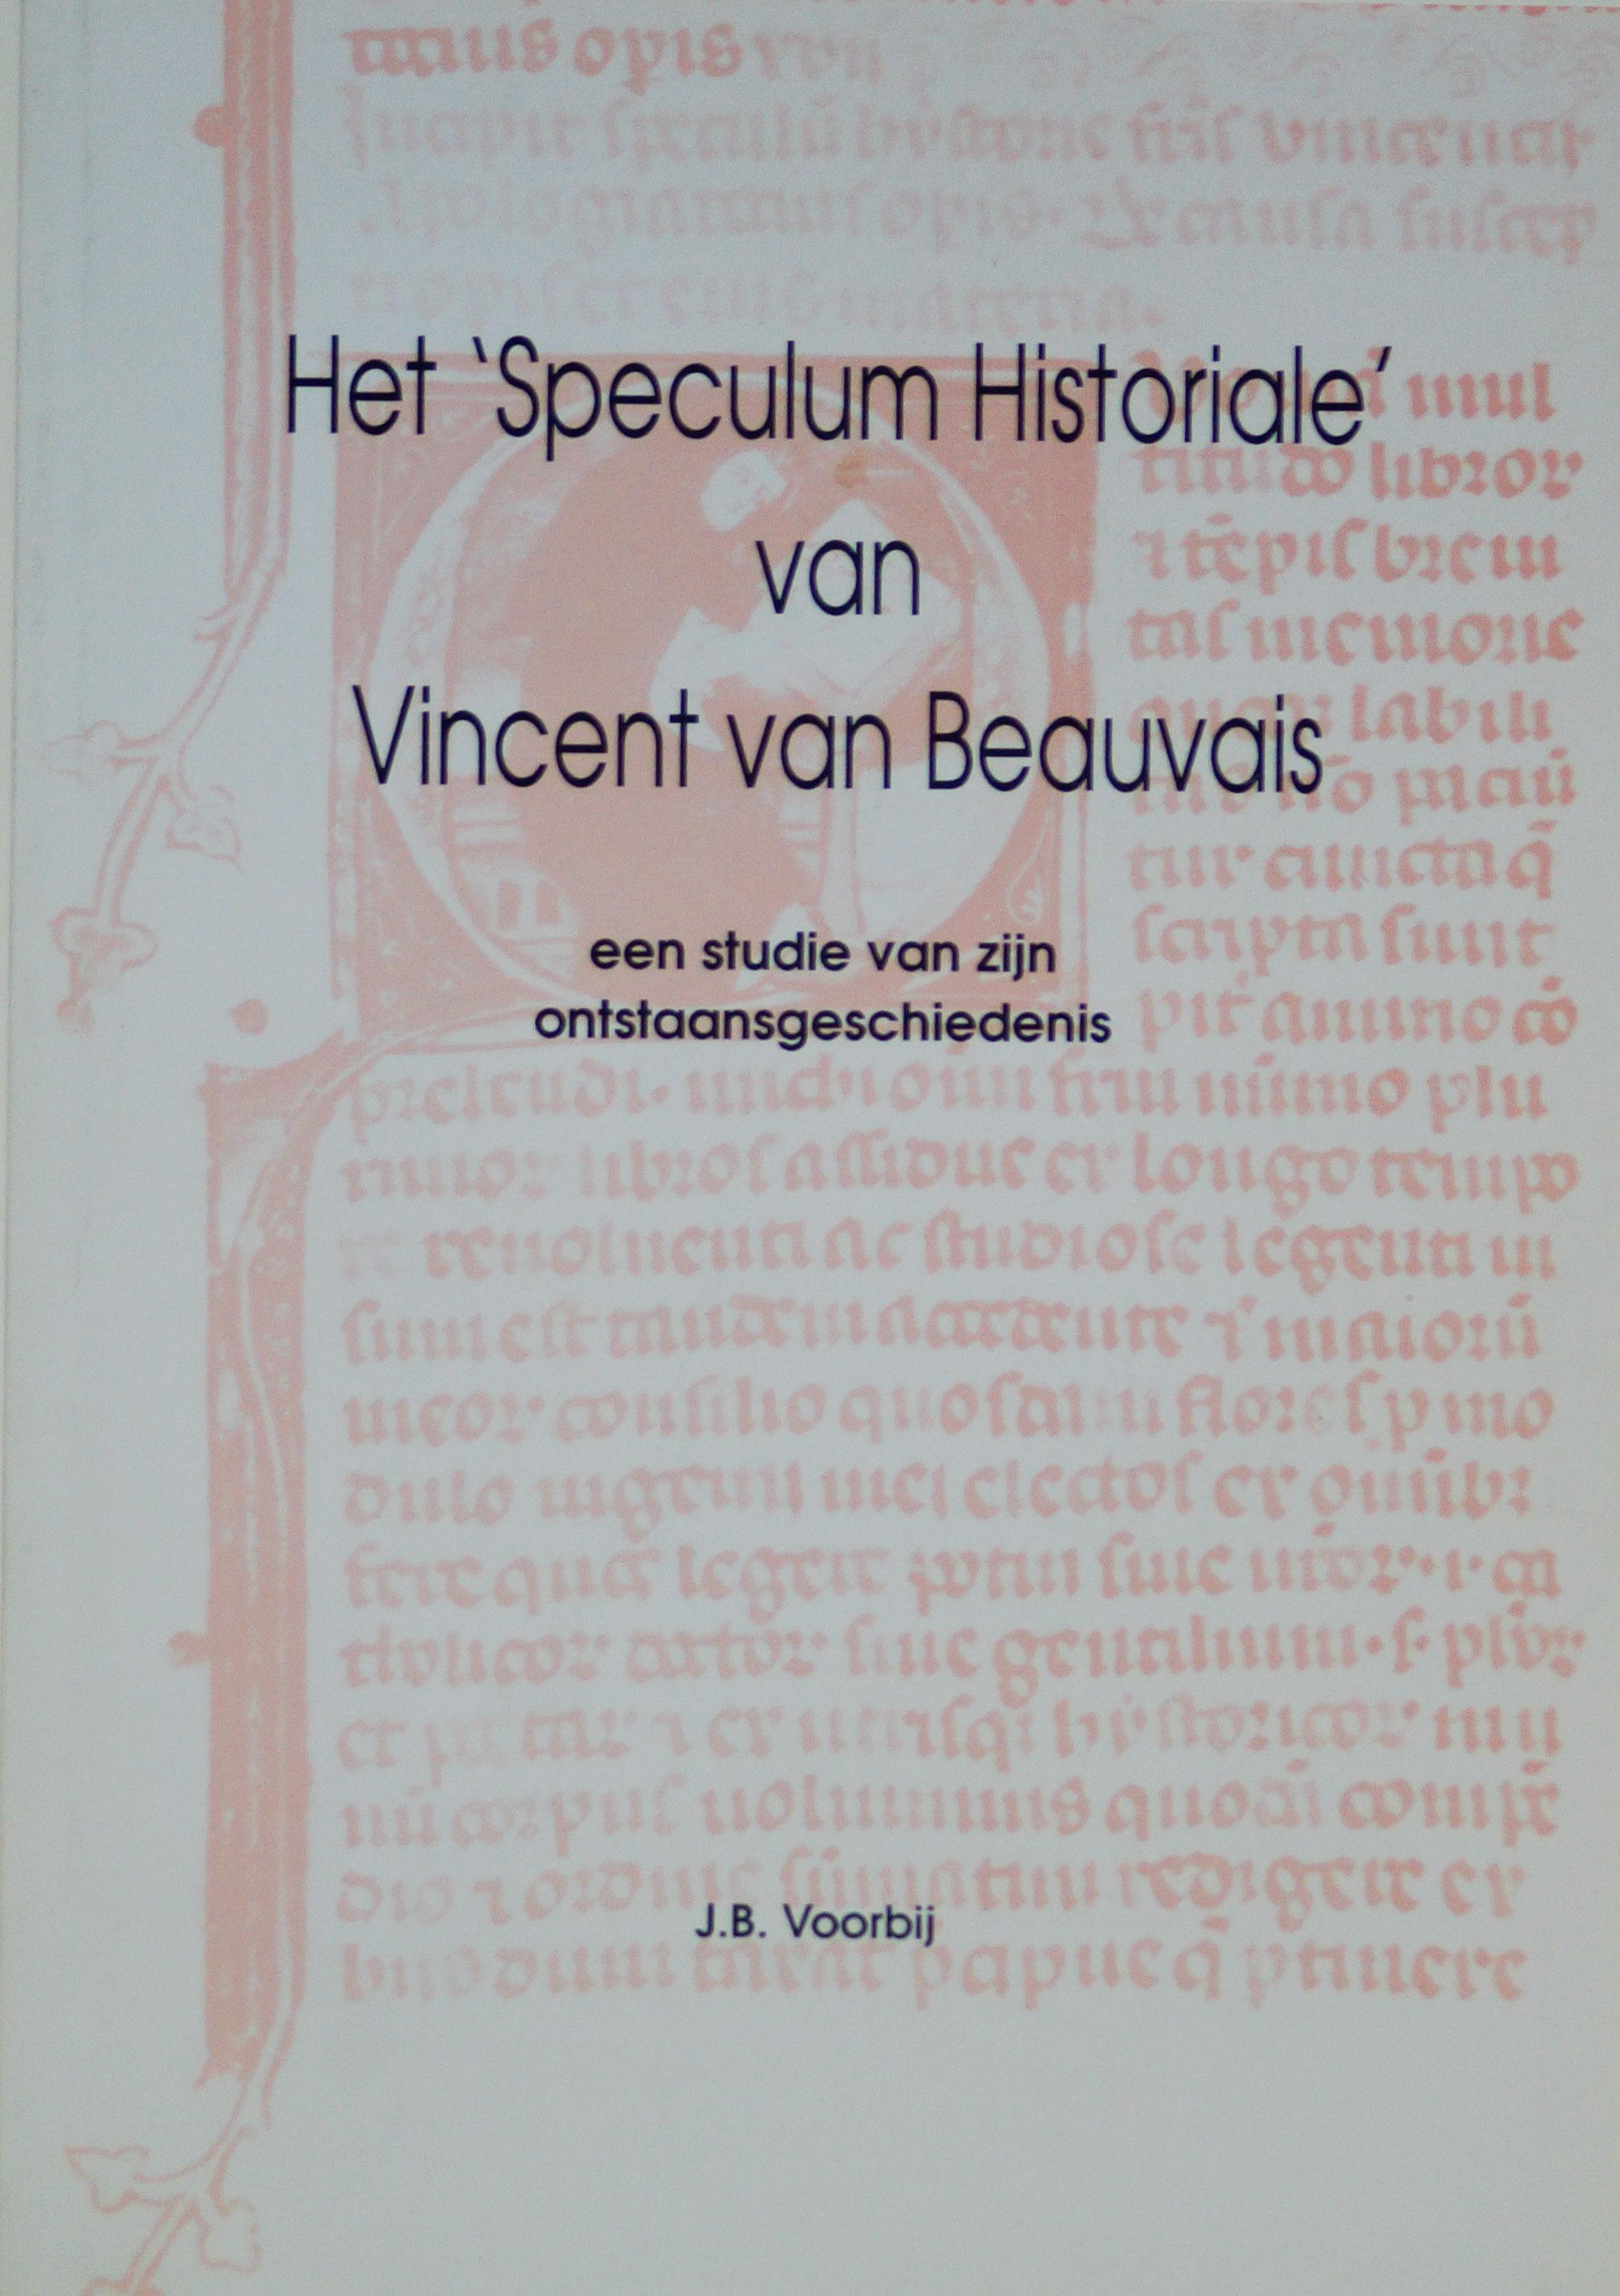 VINCENT VAN BEAUVAIS, VOORBIJ, J.B. - Het 'Speculum historiale' van Vincent van Beauvais. Een studie van zijn ontstaansgeschiedenis.